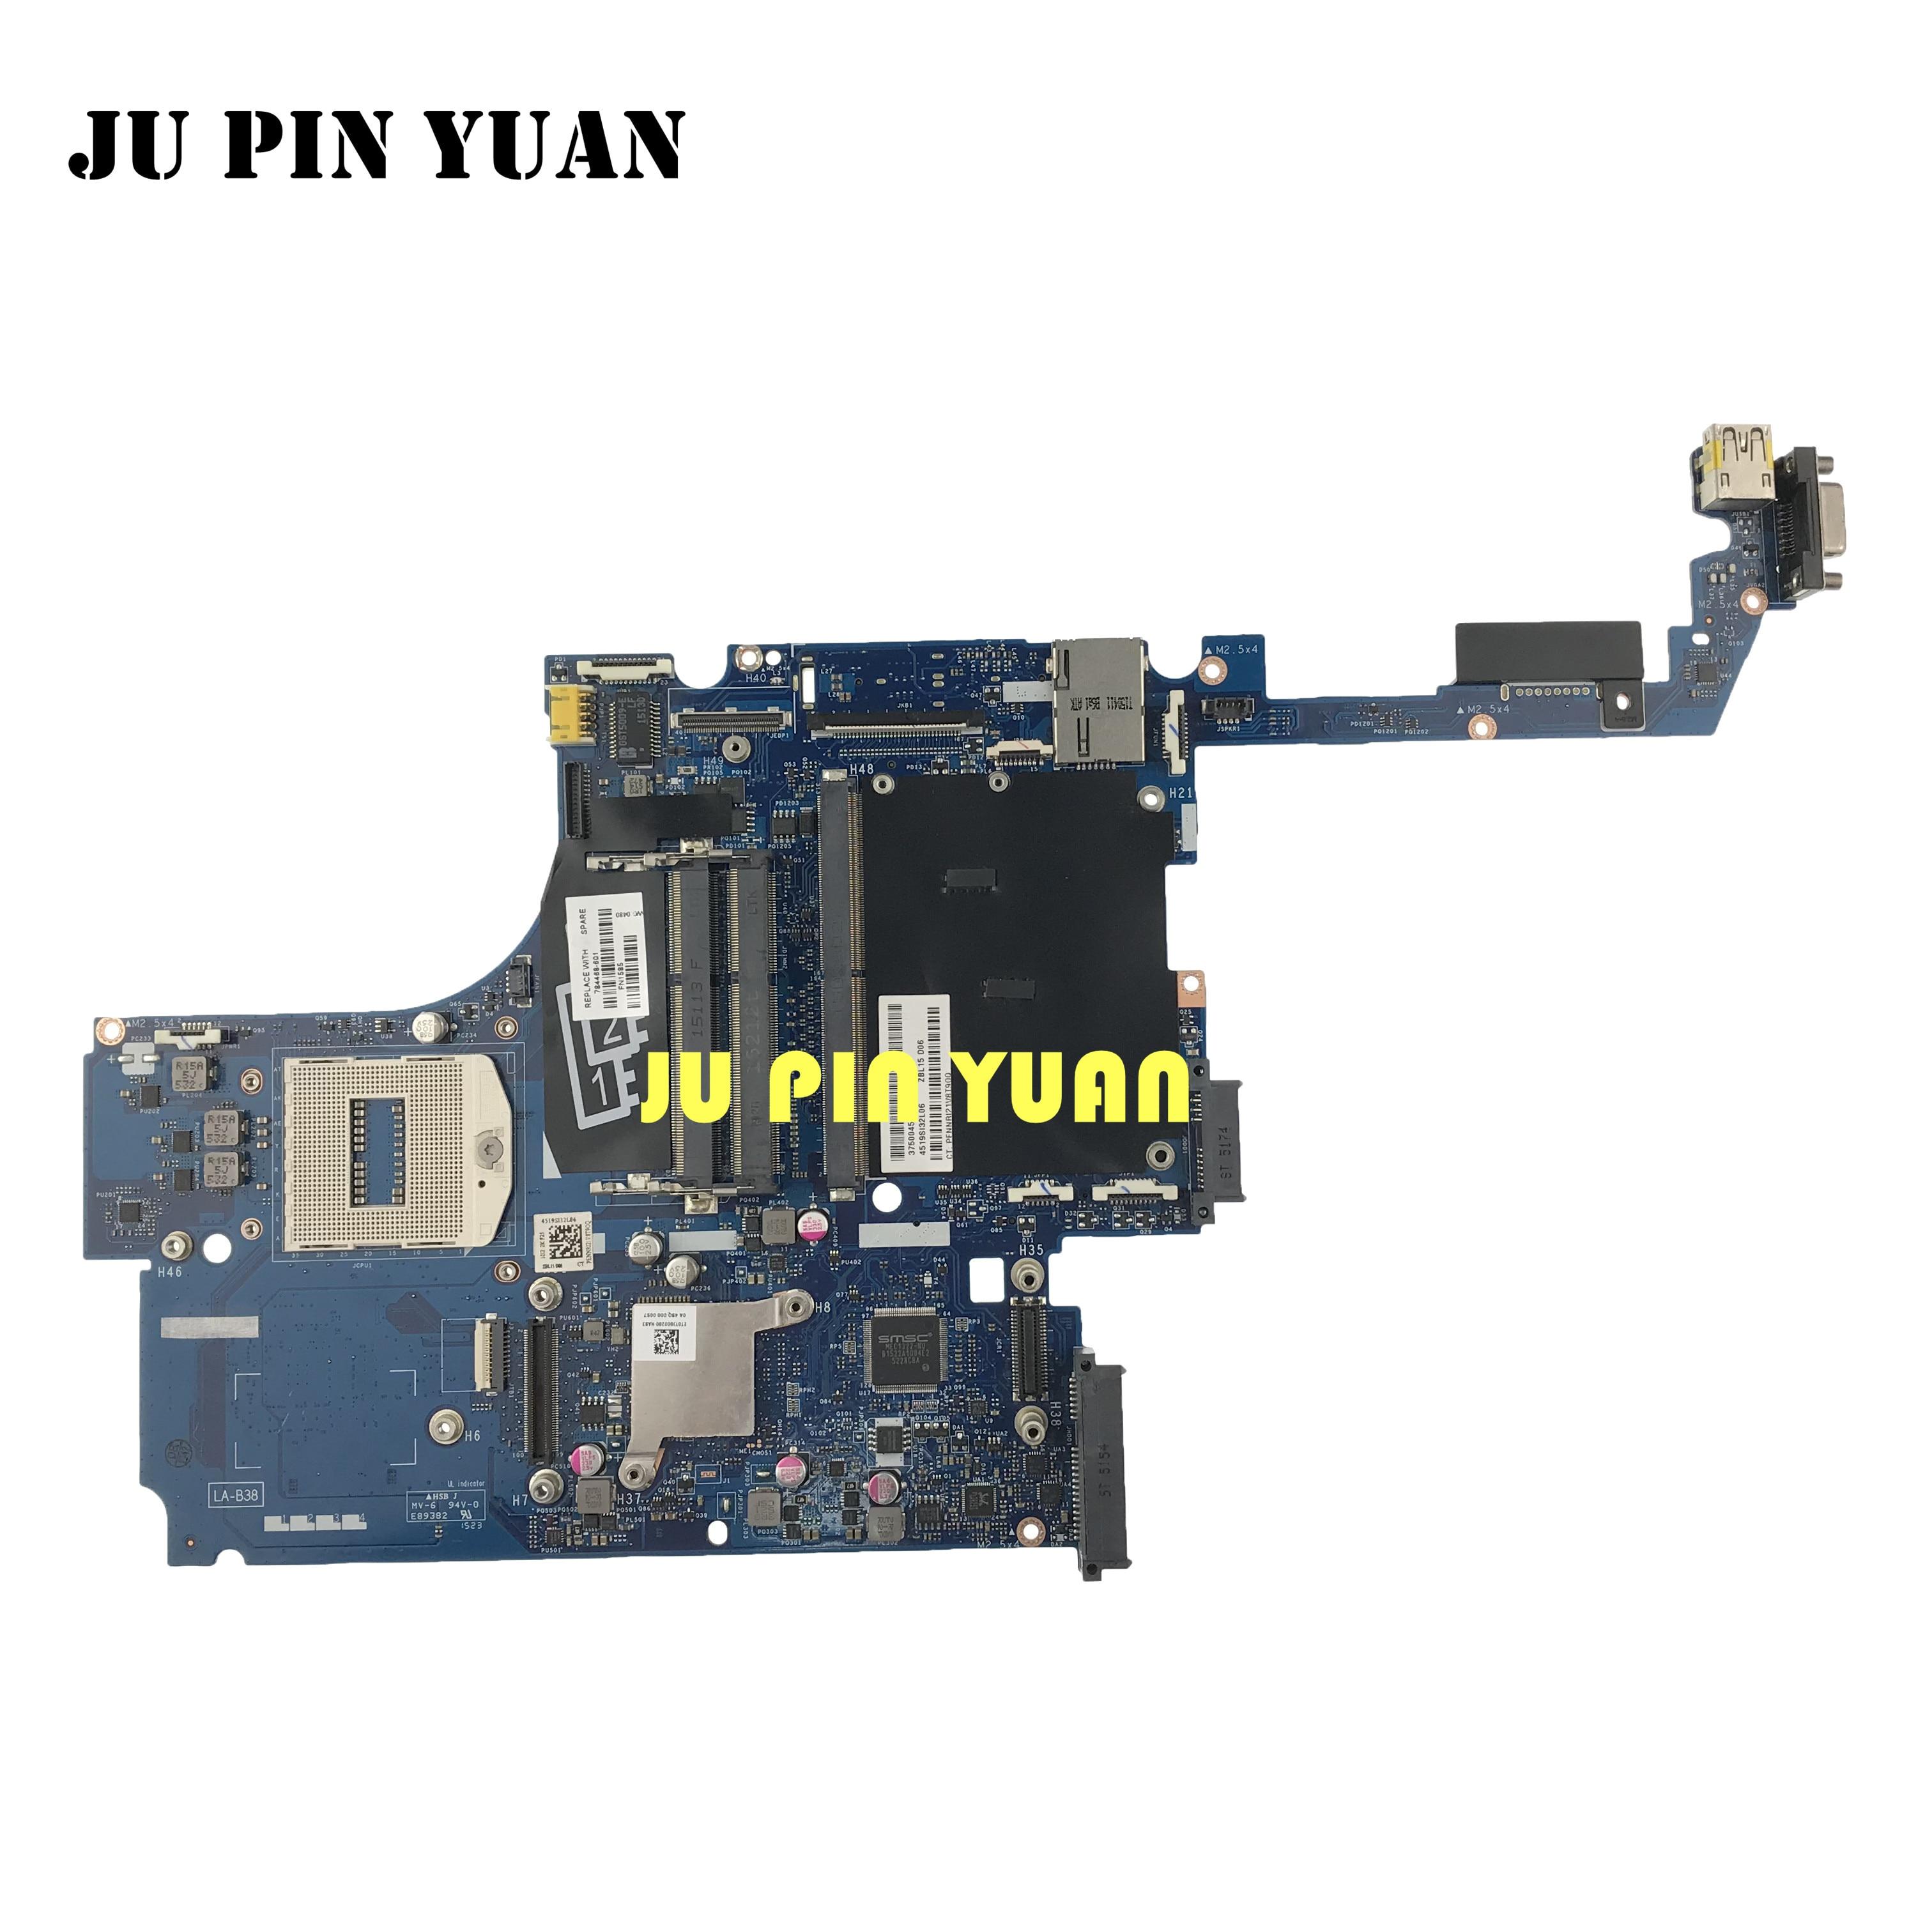 Placa base Ju pin Yuan 784468-601 784468-001 ZBL15 LA-B381P para HP ZBook serie 15 G2 PGA947 todas las funciones se prueban completamente